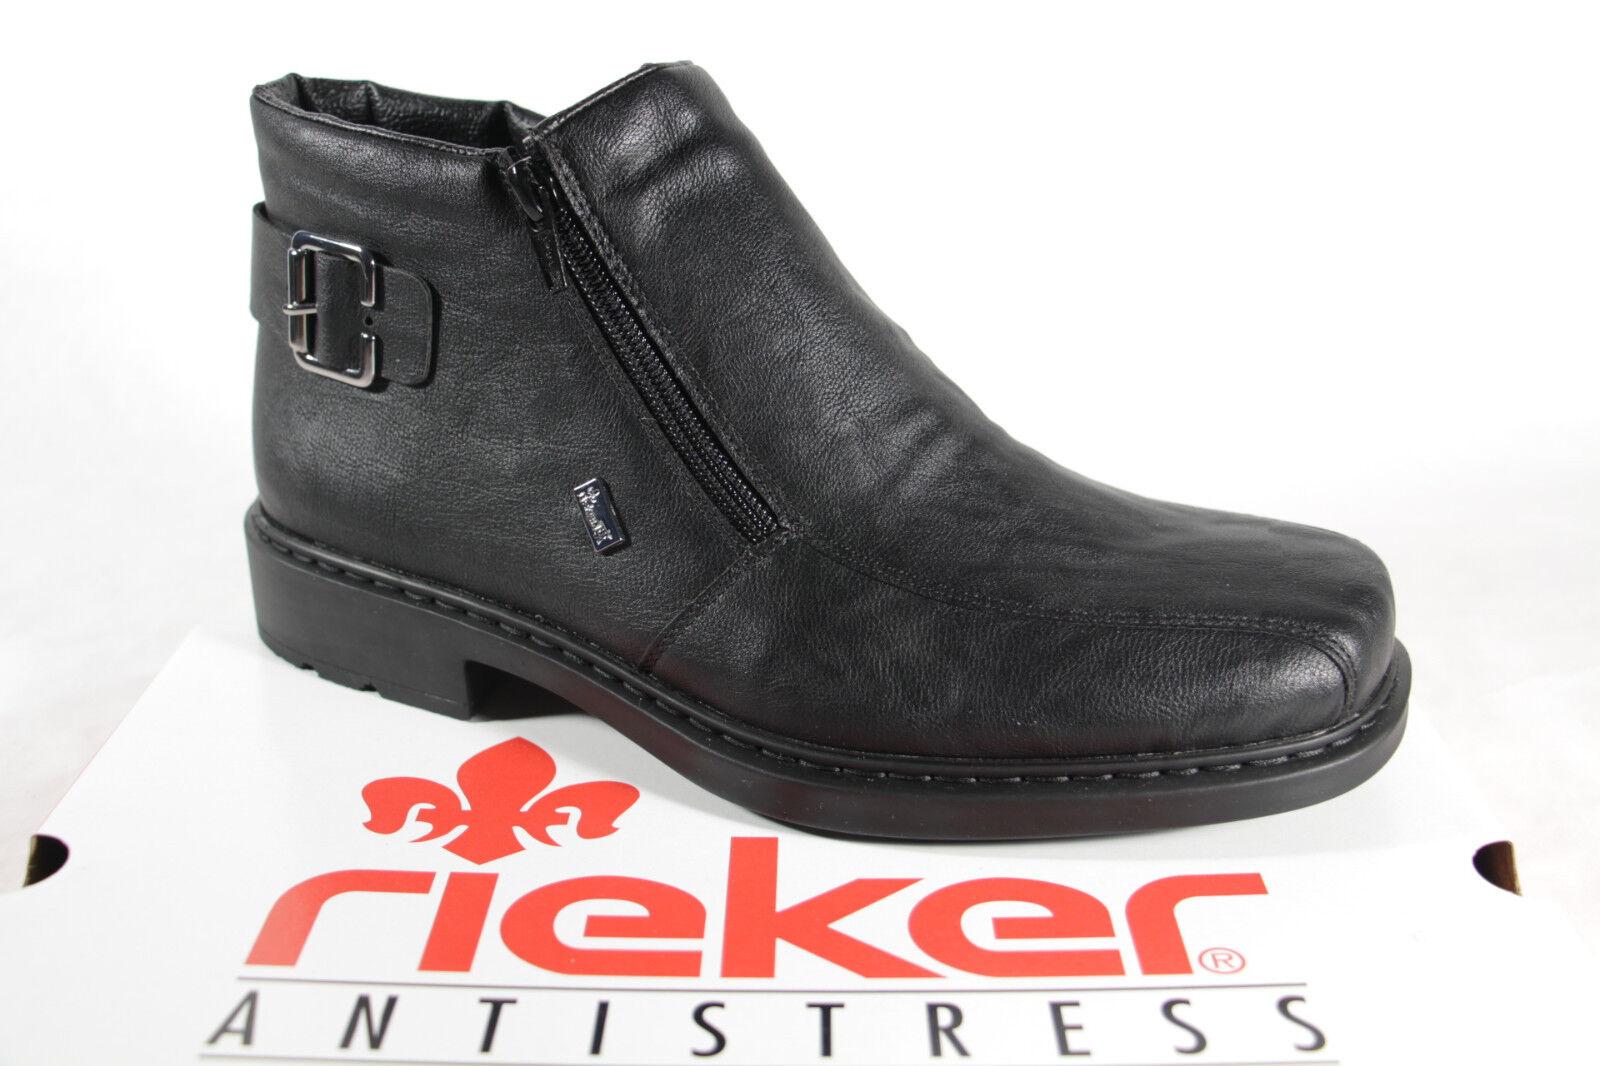 Herren Stiefelette 32861 Stiefel Rieker Stiefeletten Neu Schwarz Boots Tex YDWEHb9e2I